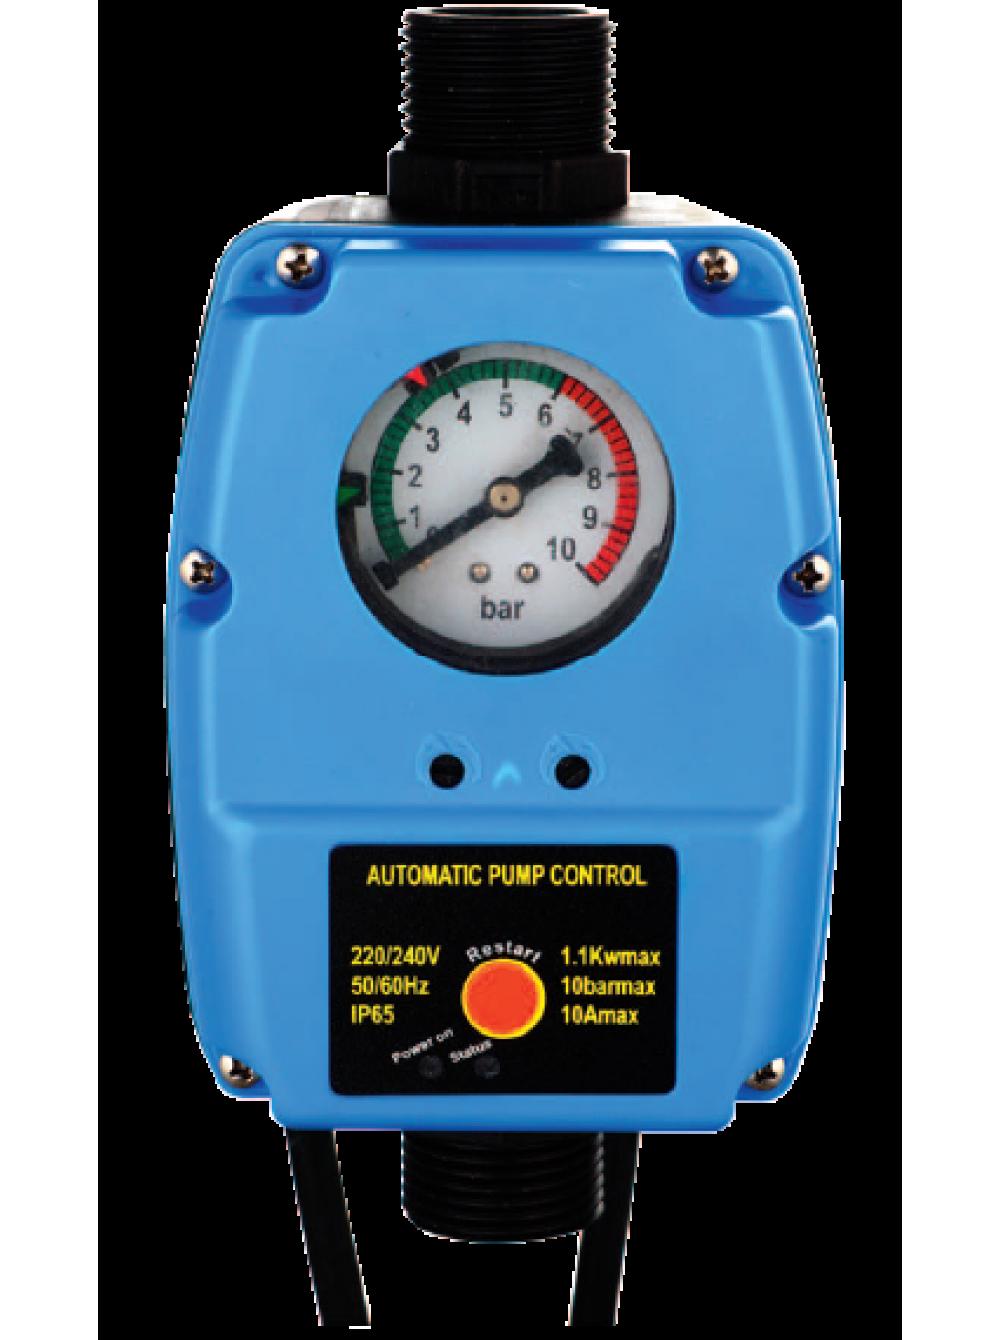 Электронный контролер давления Euroaqua SKD-9A цена